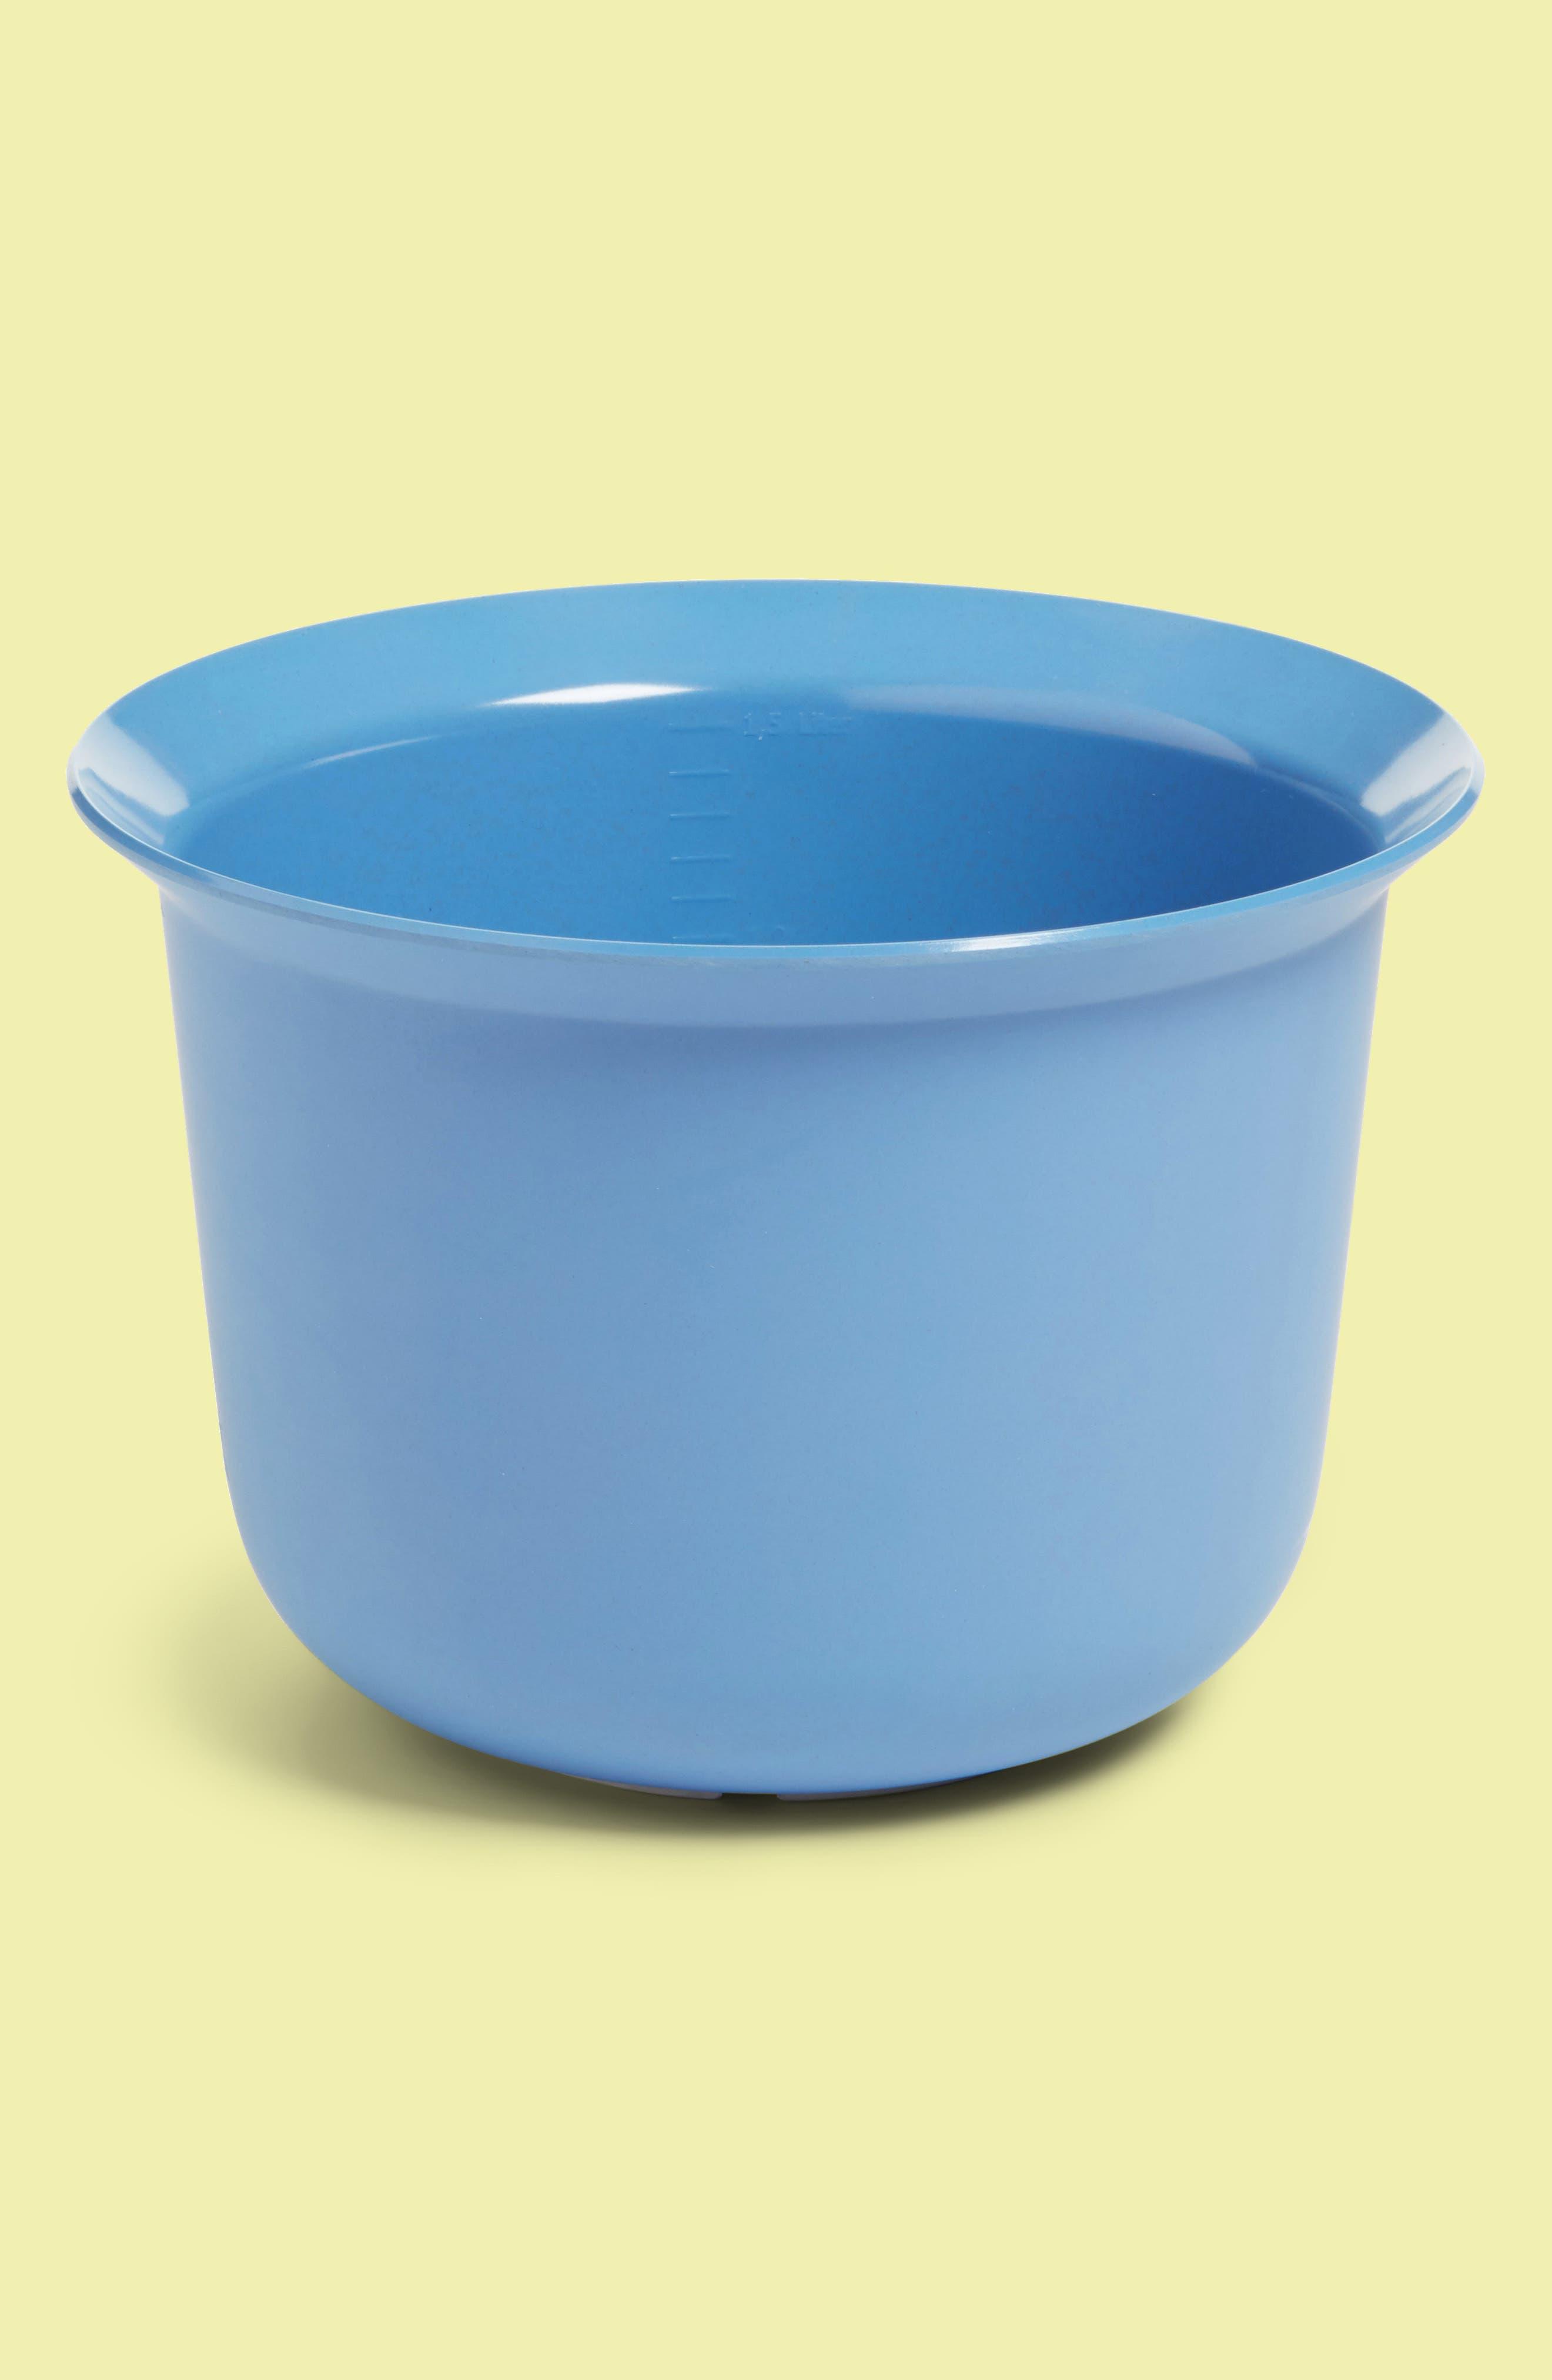 Rig-Tig Mix-It 1.5L Mixing Bowl,                             Main thumbnail 1, color,                             Blue